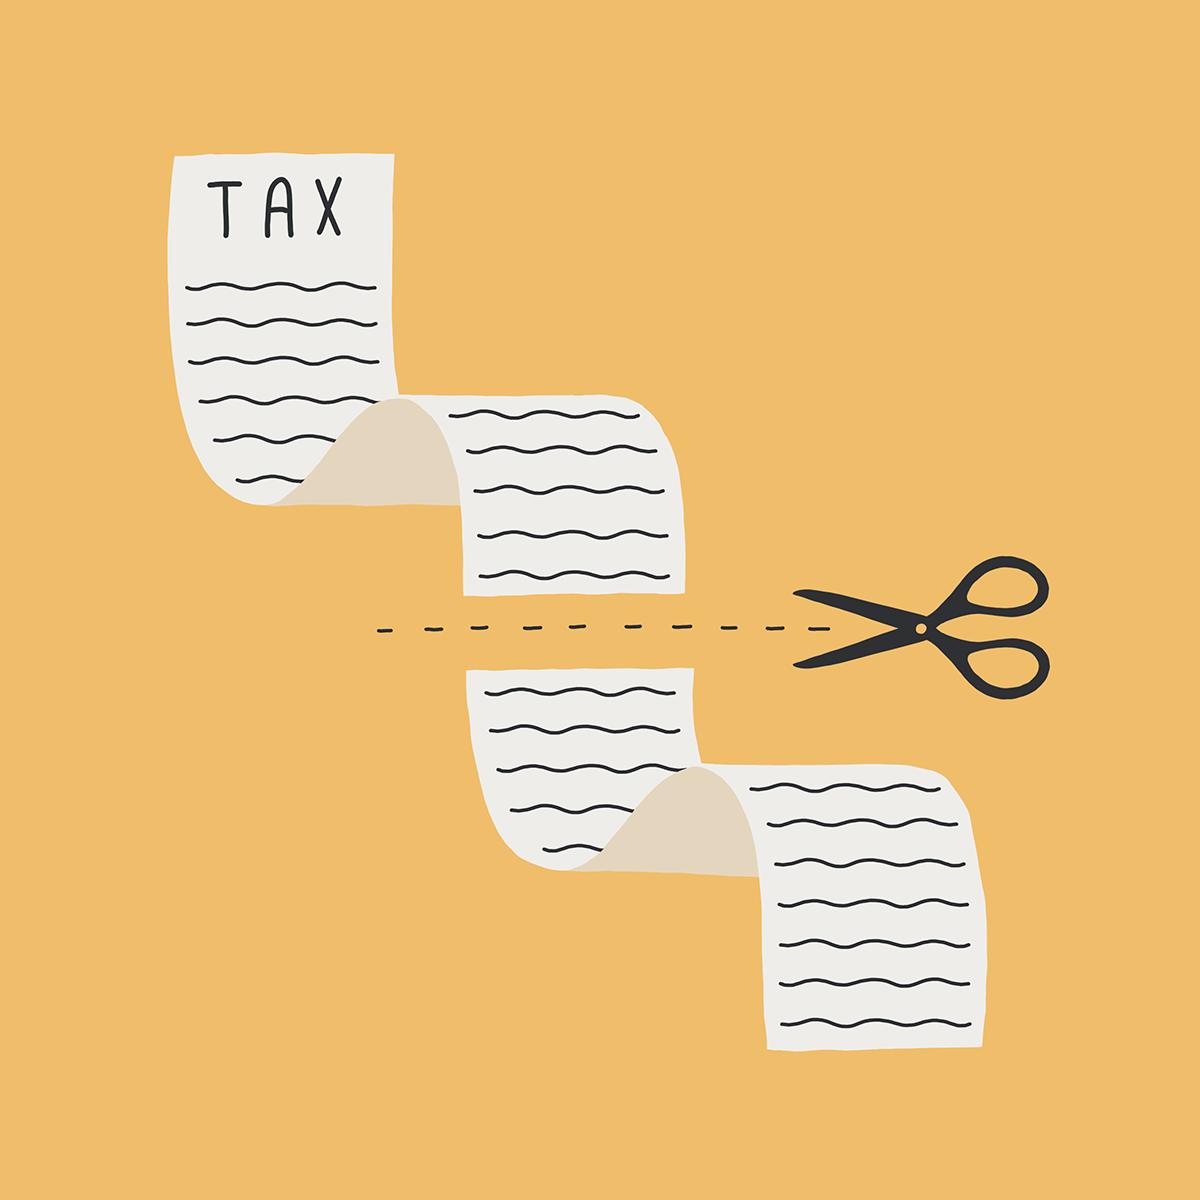 Tax list cut in half